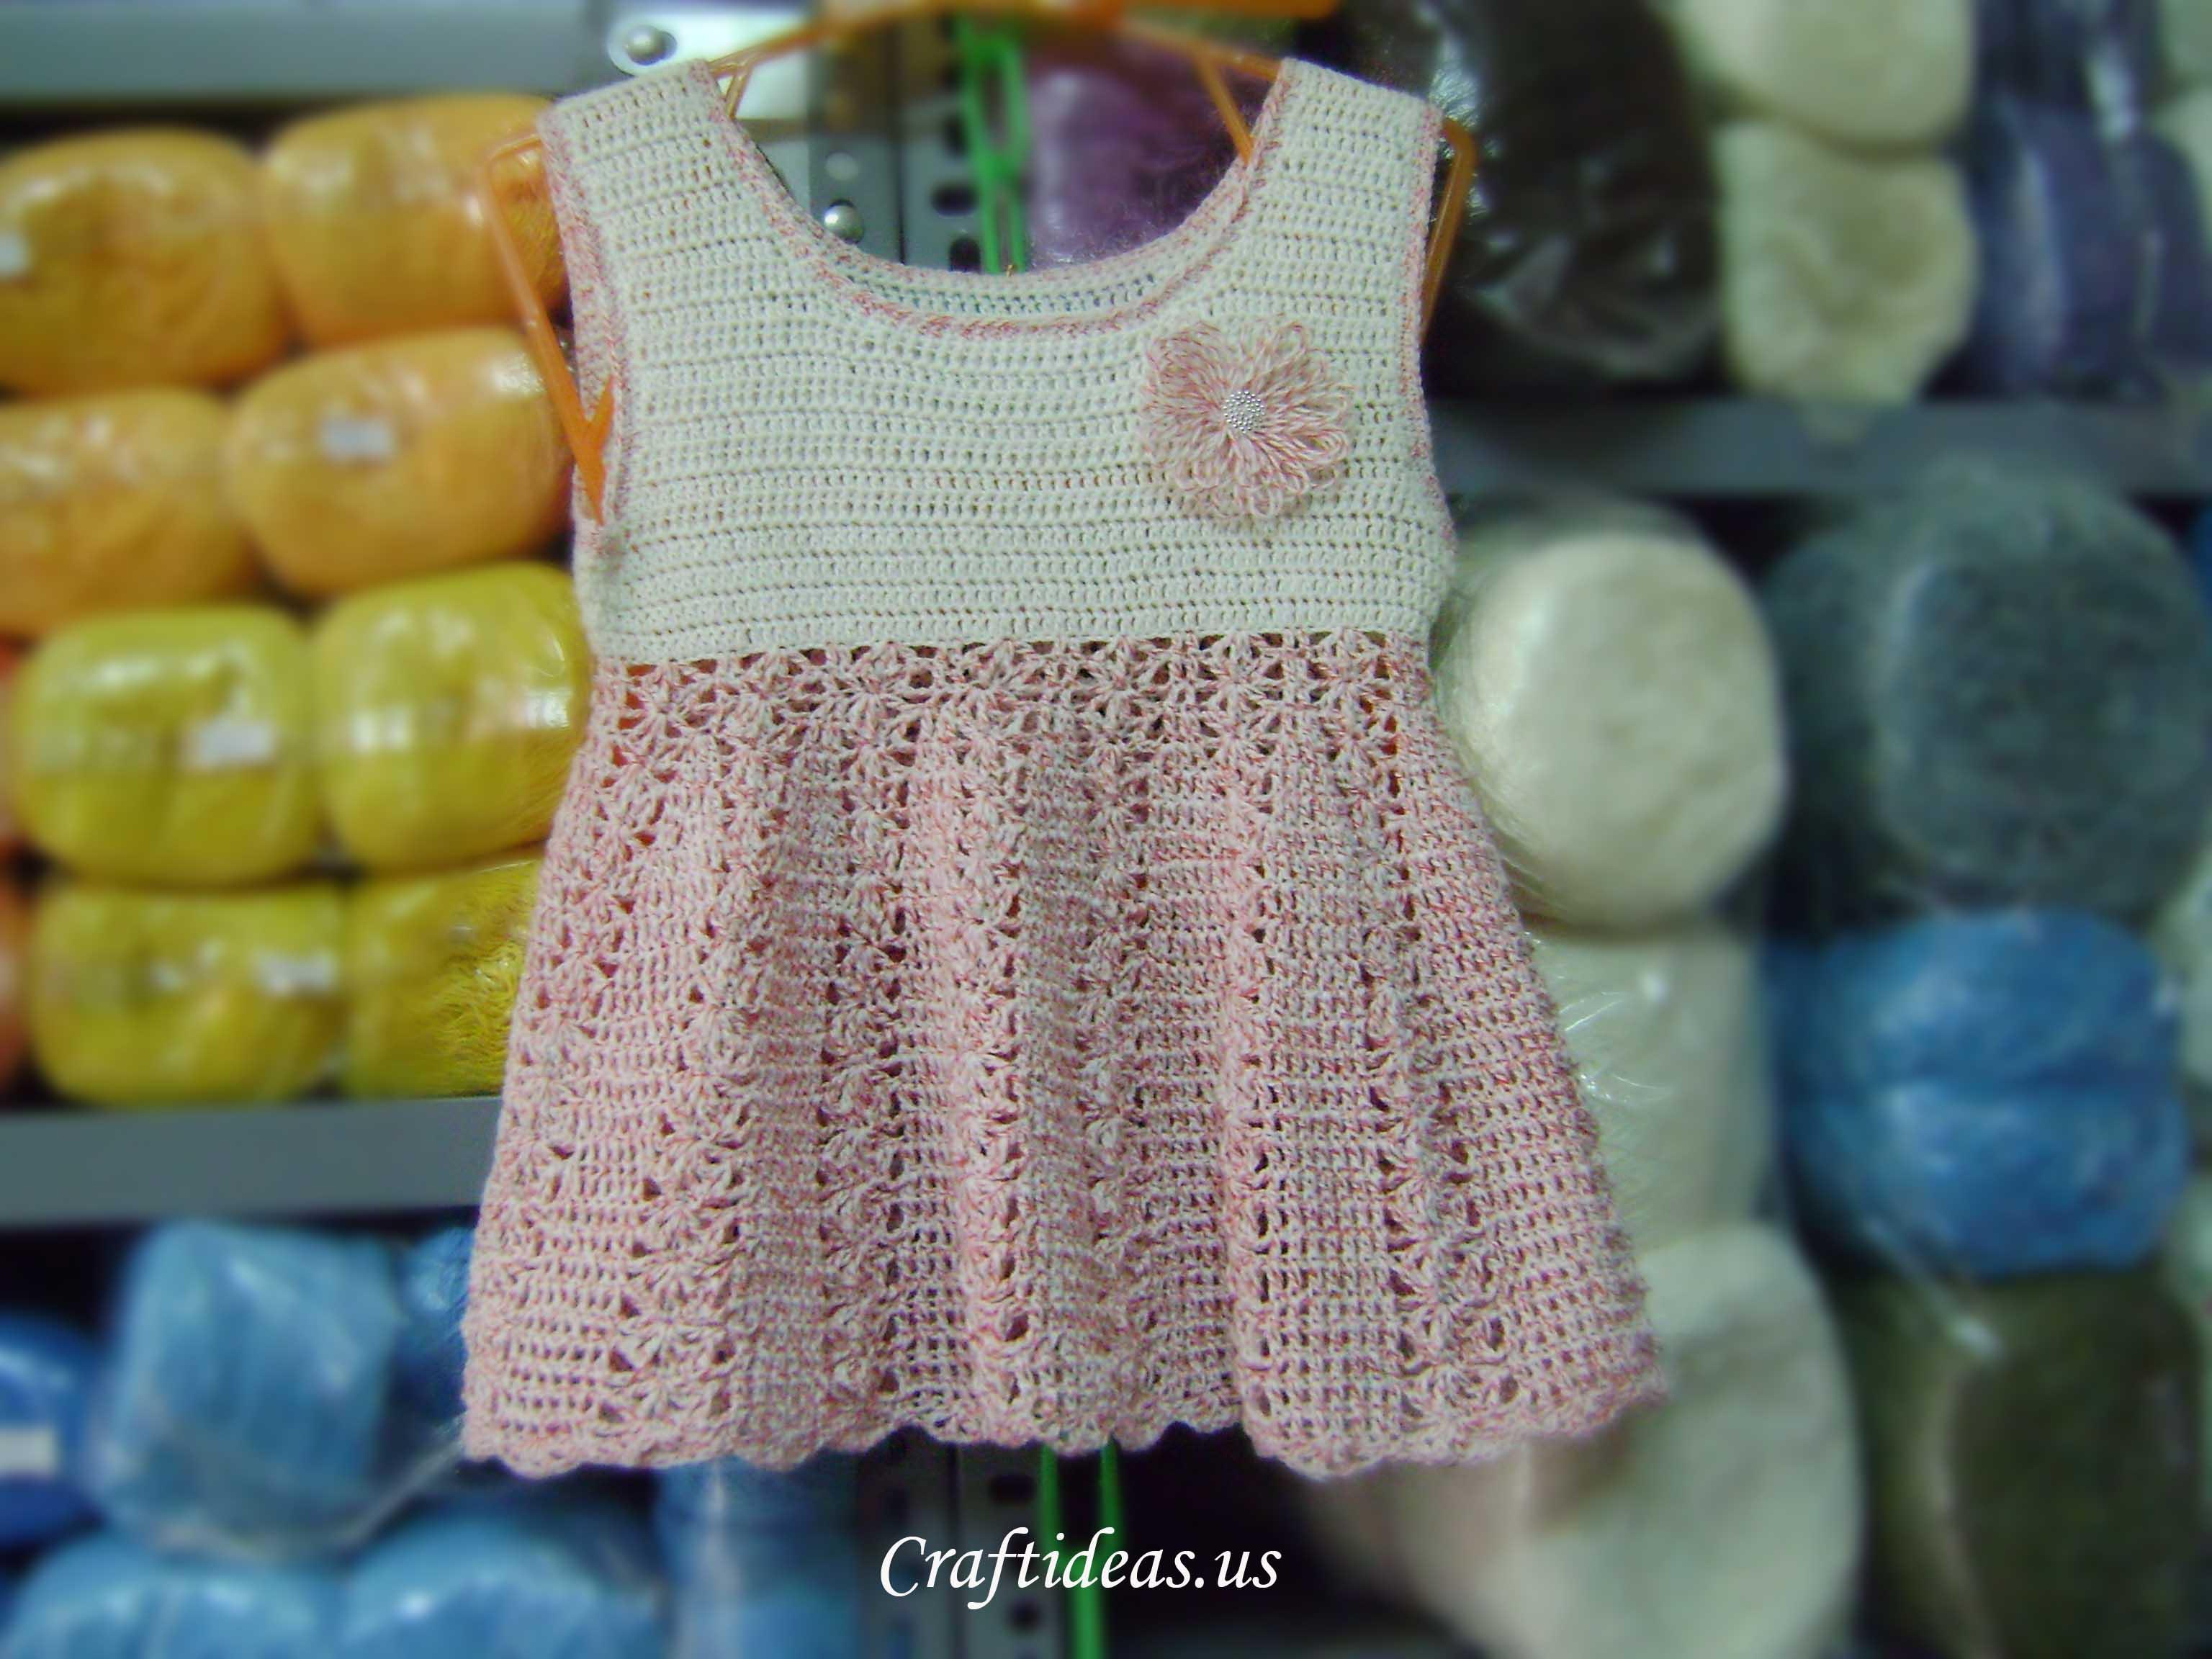 Crochet For Kids : Crochet summer dress for kids - Craft Ideas